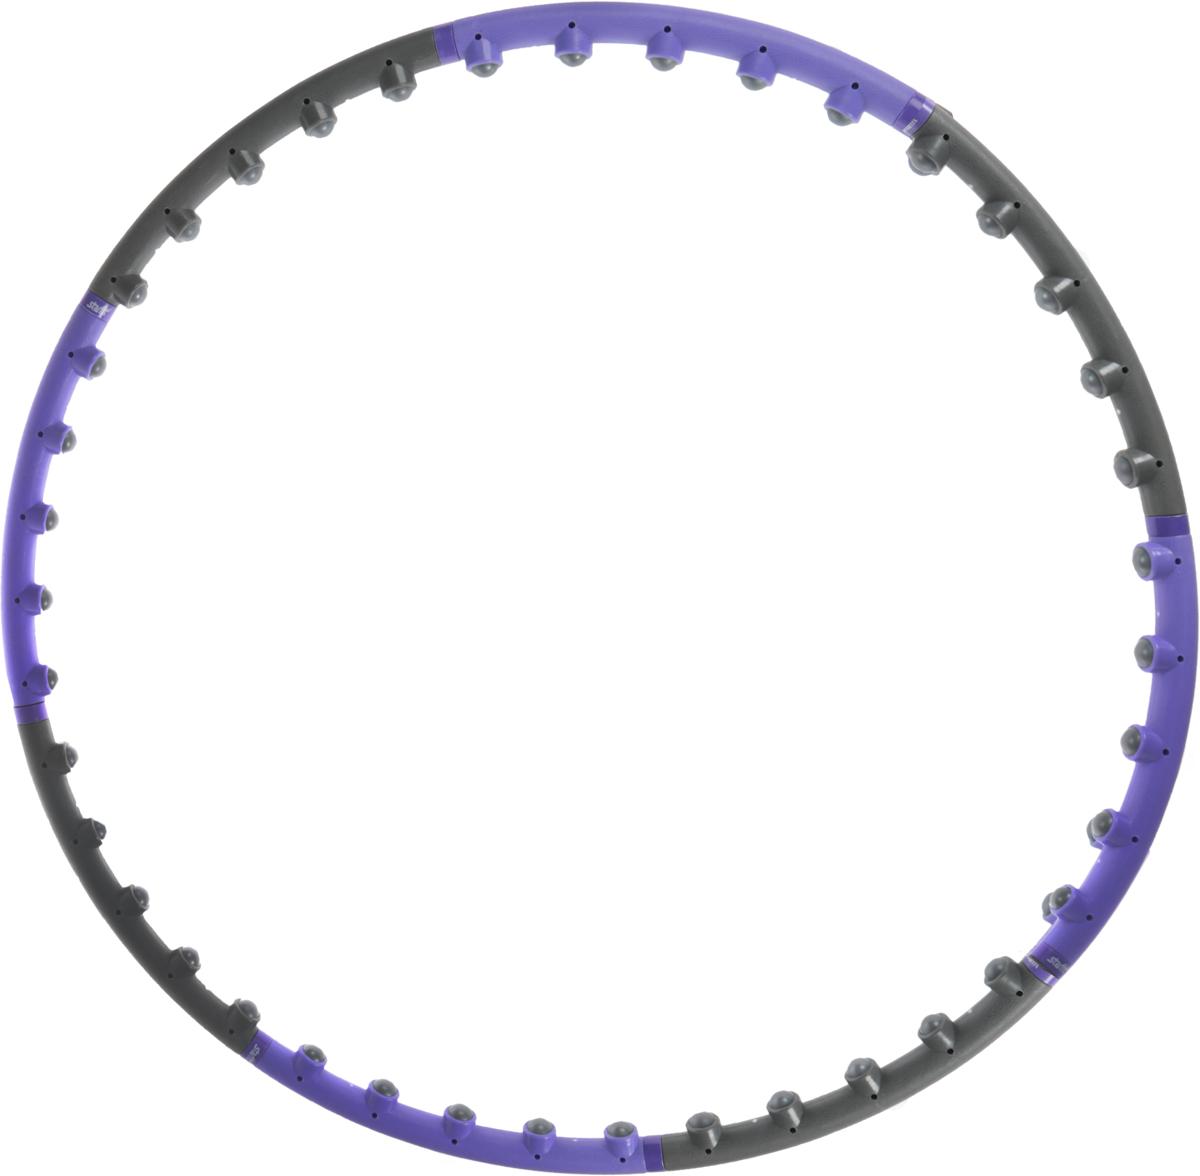 Обруч массажный Starfit, разборный, цвет: фиолетовый, серый, диаметр 98 смSF 0085Star Fit - это массажный разборный обруч от популярного австралийского бренда.Обруч легко собирается и разбирается. Диаметр регулируется, благодаря чемуобруч подходит взрослым и детям. Упражнения с этим обручем сжигают большекалорий, чем с обычным. Улучшается кровообращение, усиливается мышечныйтонус, что приводит к более активному сжиганию жира.Массажный обруч развивает координацию движений, гибкость, силу, чувстворитма, артистичность, укрепляет вестибулярный аппарат. Сжигает подкожныйжир в проблемных участках тела, улучшает состояние кожи в области талии,живота и бёдер. Нормализует работу кишечника. Тренирует и развивает мышцырук, плеч, спины и ног.С помощью обруча можно выполнять большое количество упражнений изгимнастики, и упражнений на растяжку. Массажный обруч удобен и прост виспользовании. Не требует особых знаний и места для занятий.Достаточно вращать обруч 10-20 минут в день и таким образом фигура изменитсяв положительную сторону.